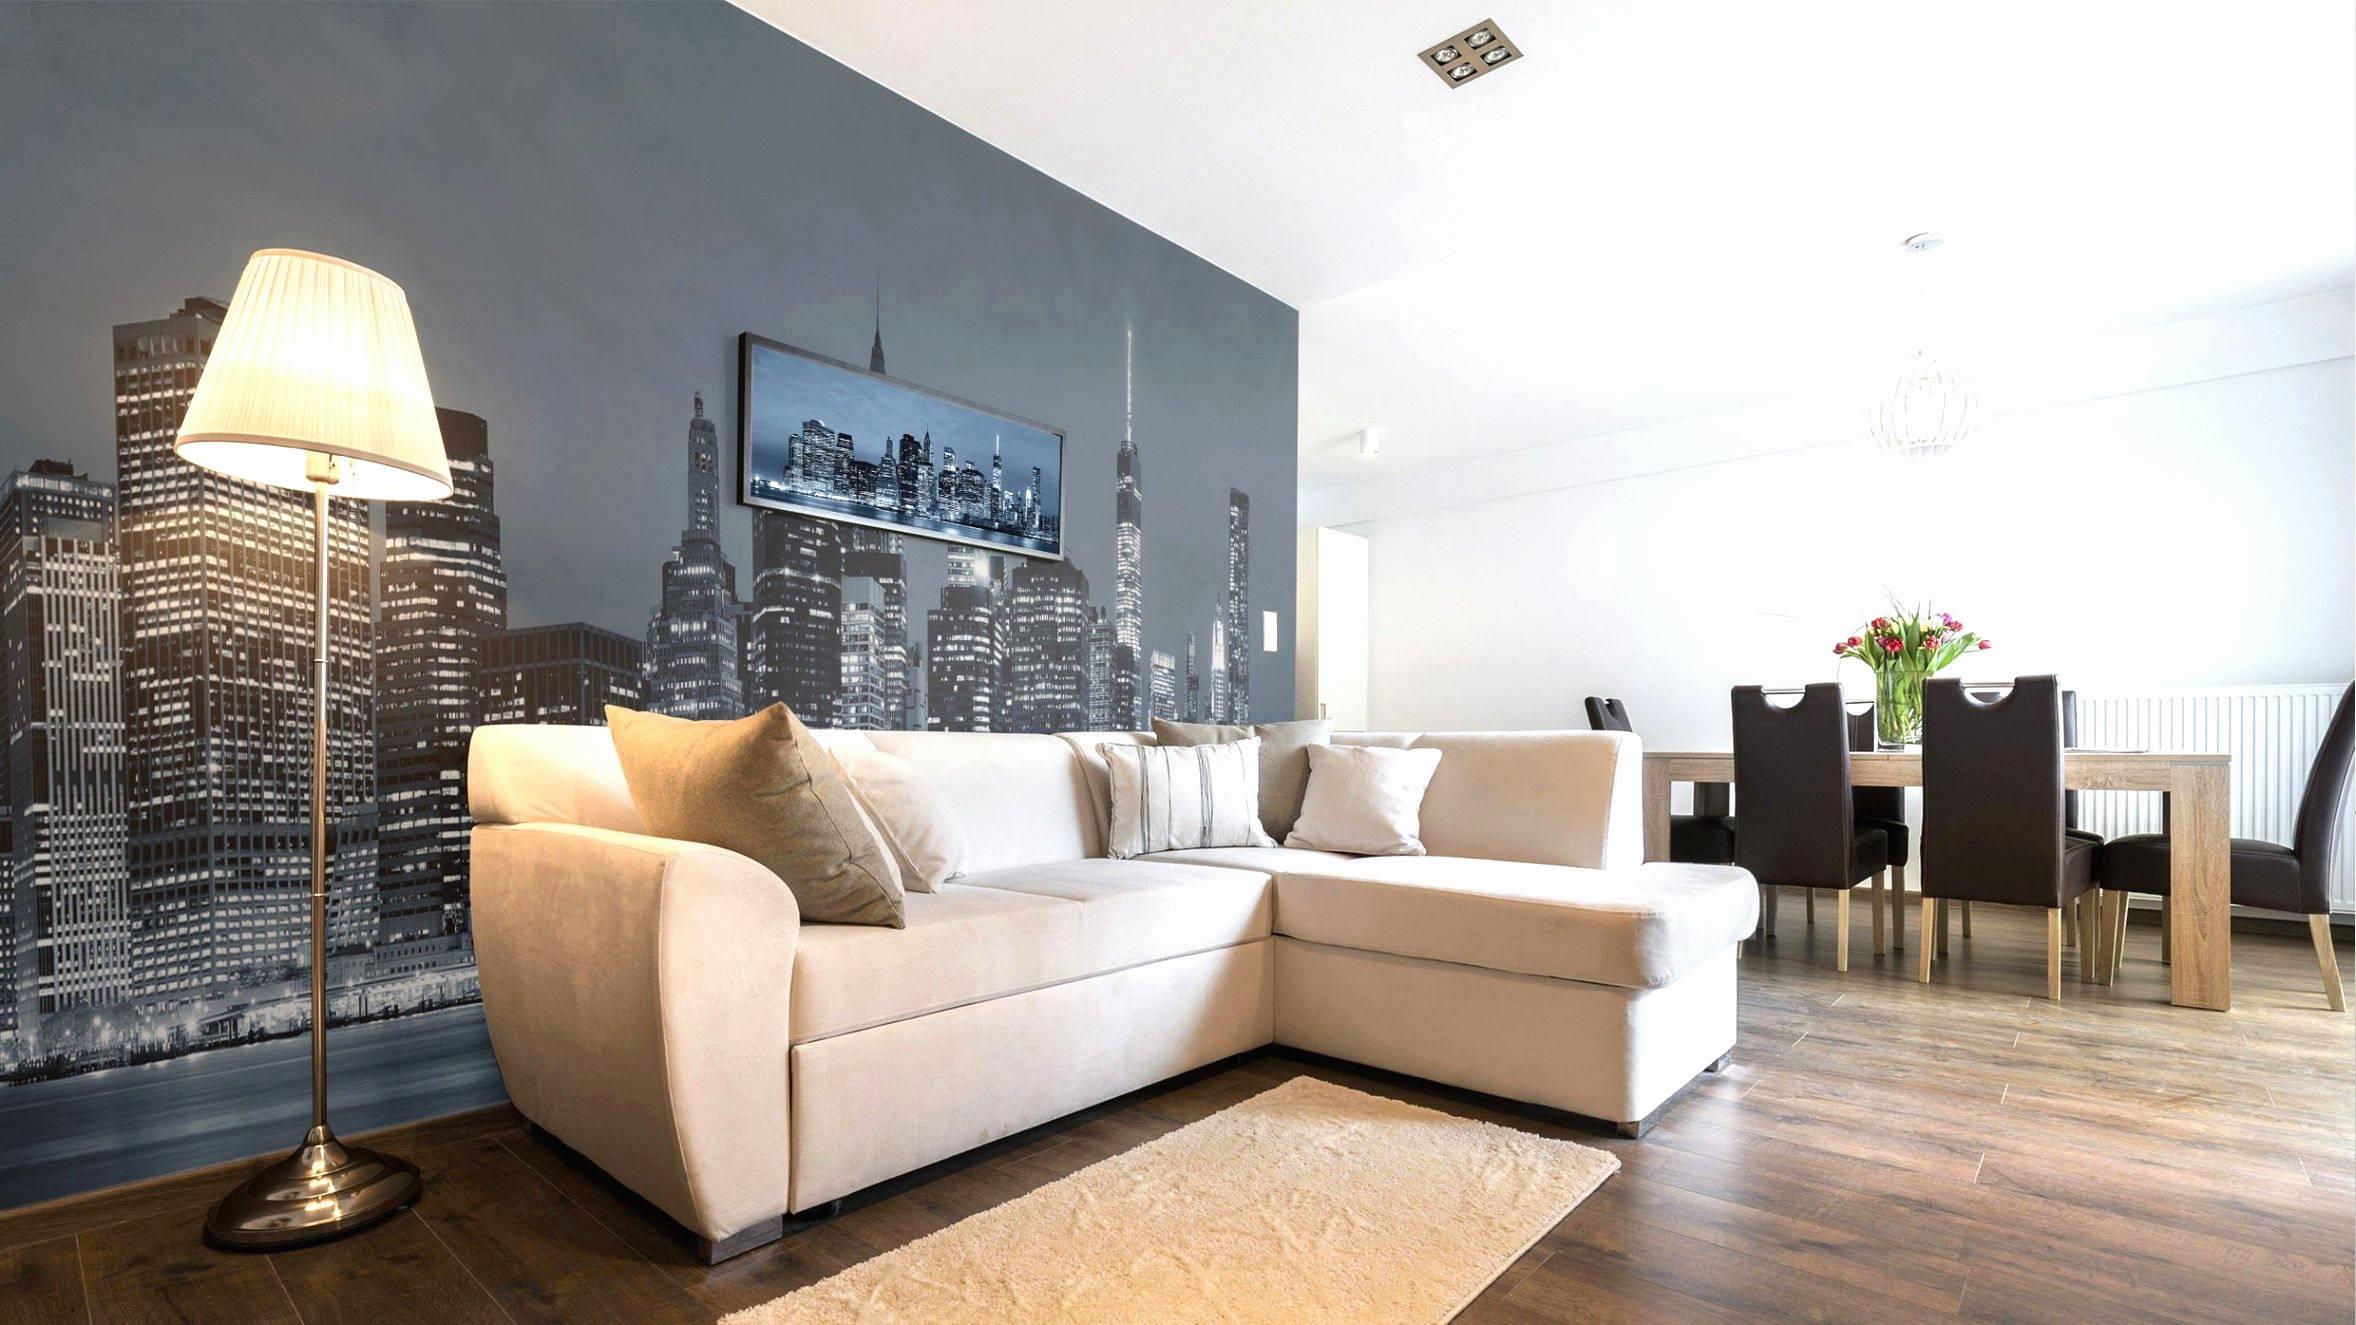 wohnzimmer dekoration vintage inspirational inspirierend bilder von alten schlitten dekorieren of wohnzimmer dekoration vintage